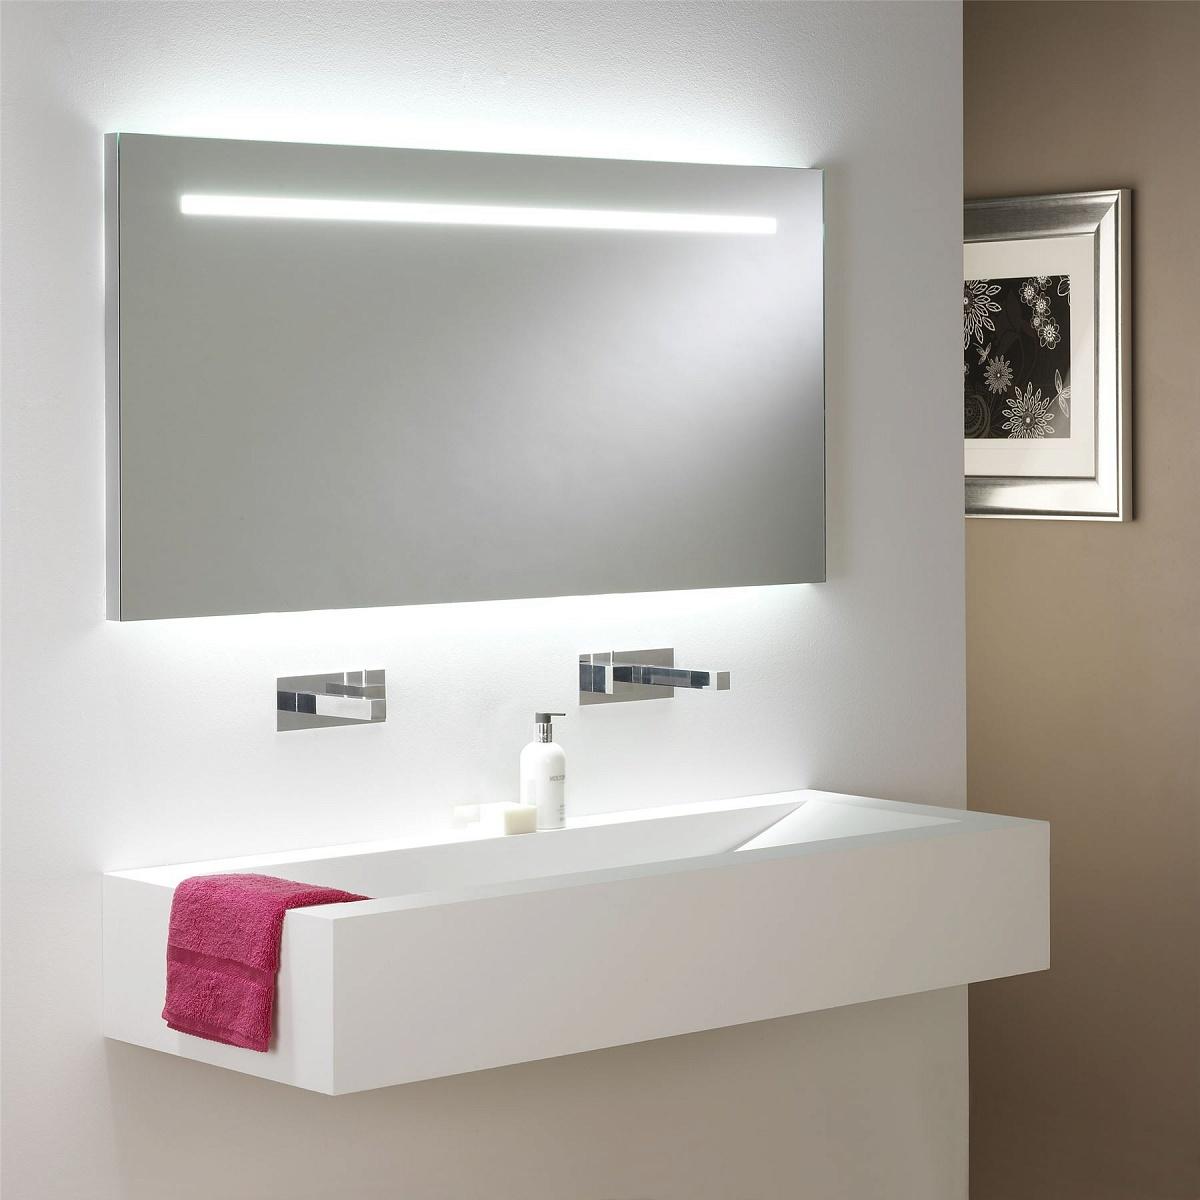 Как сделать подсветку для зеркала в спальню или прихожую своими руками